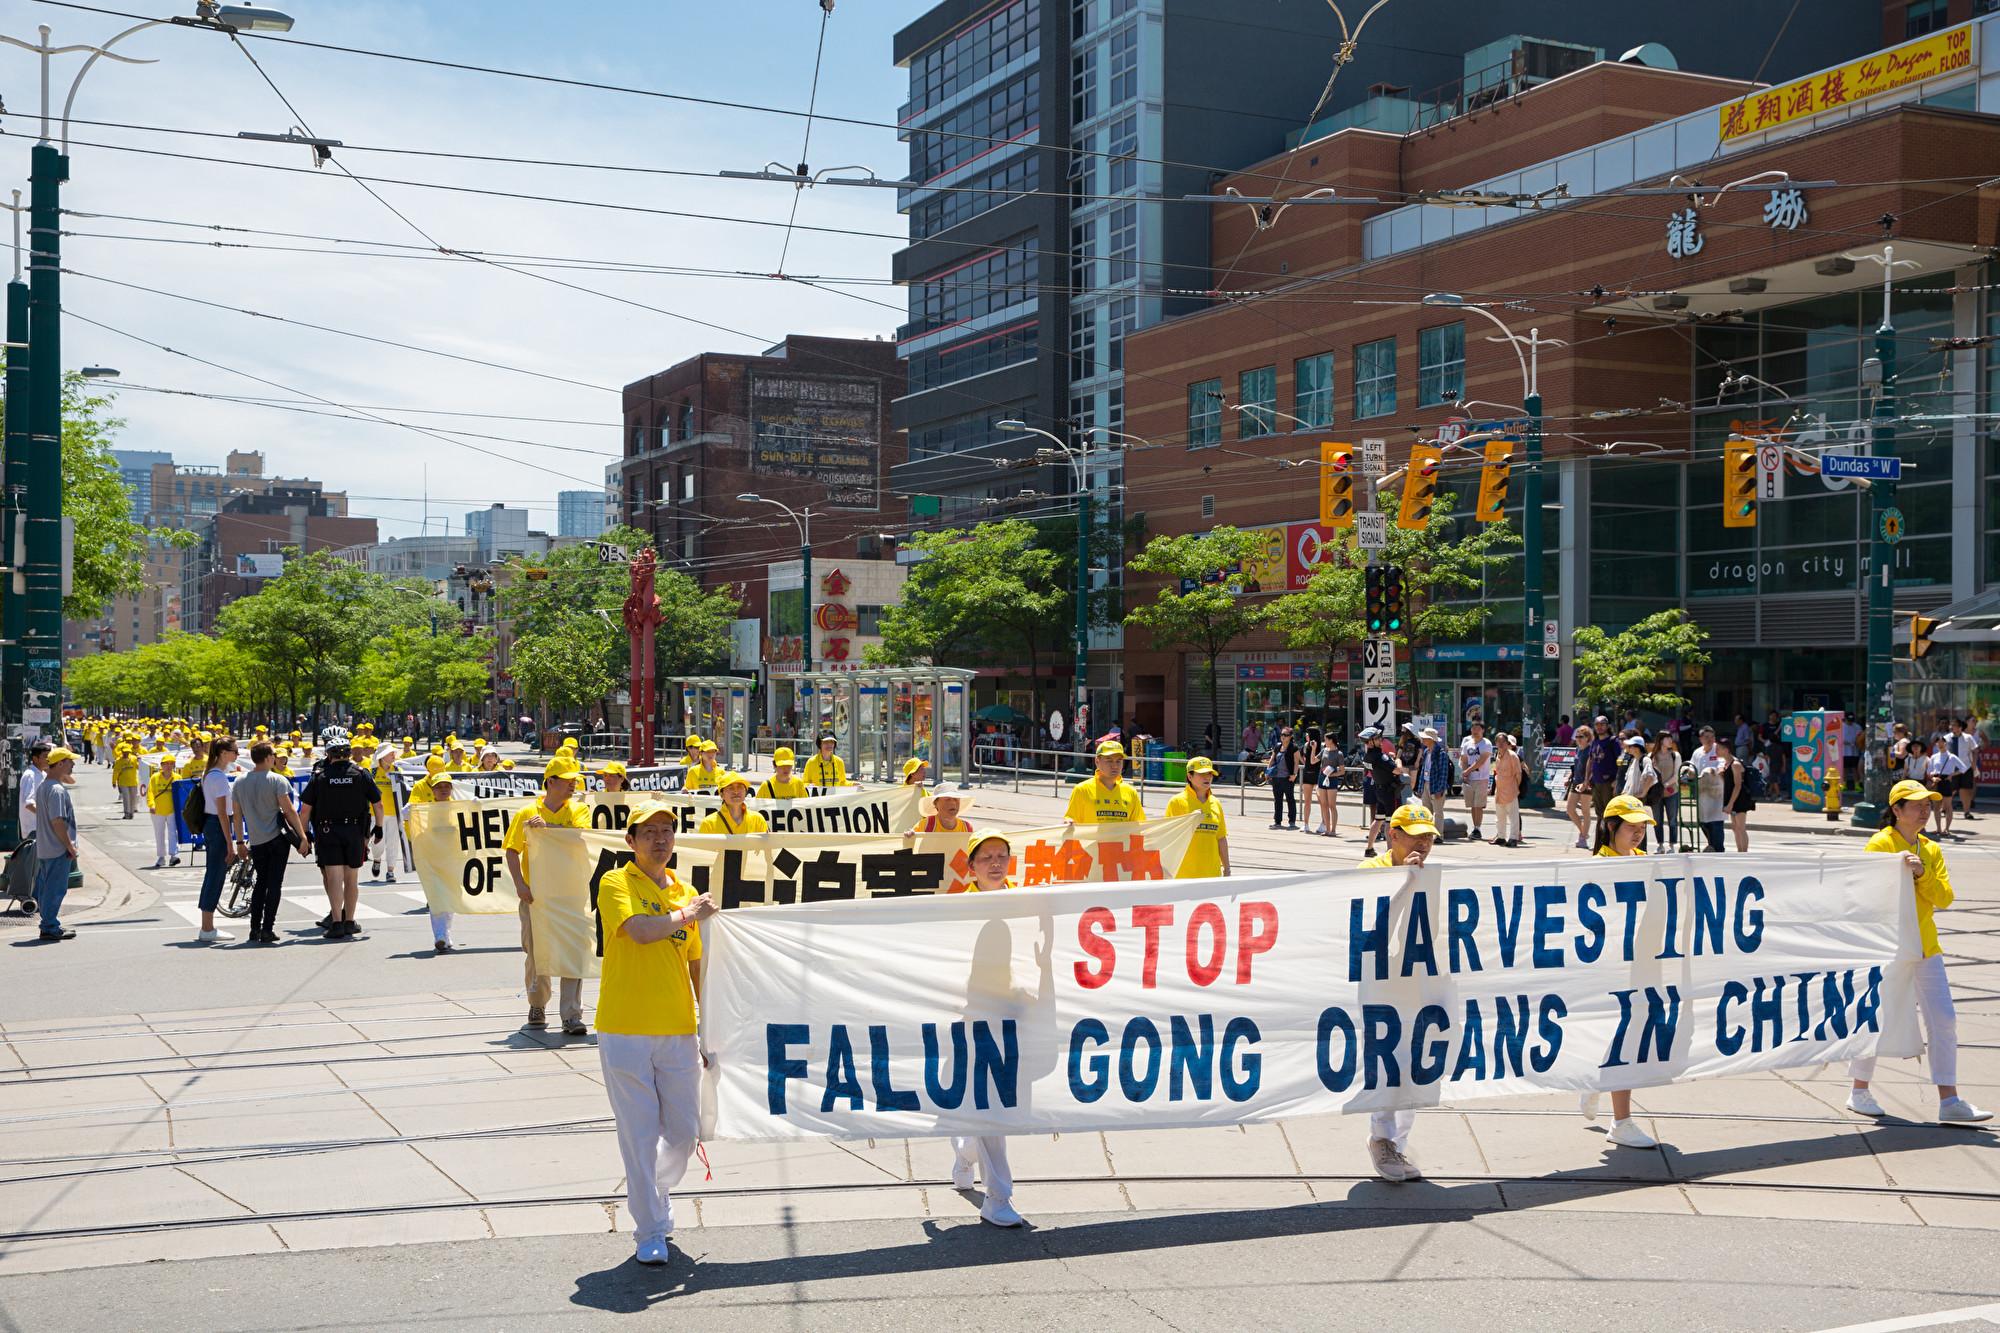 7月20日,加東地區法輪功學員舉行盛大遊行,紀念反迫害20周年,圖為學員手拿橫幅「在中國停止活摘器官。(艾文/大紀元)